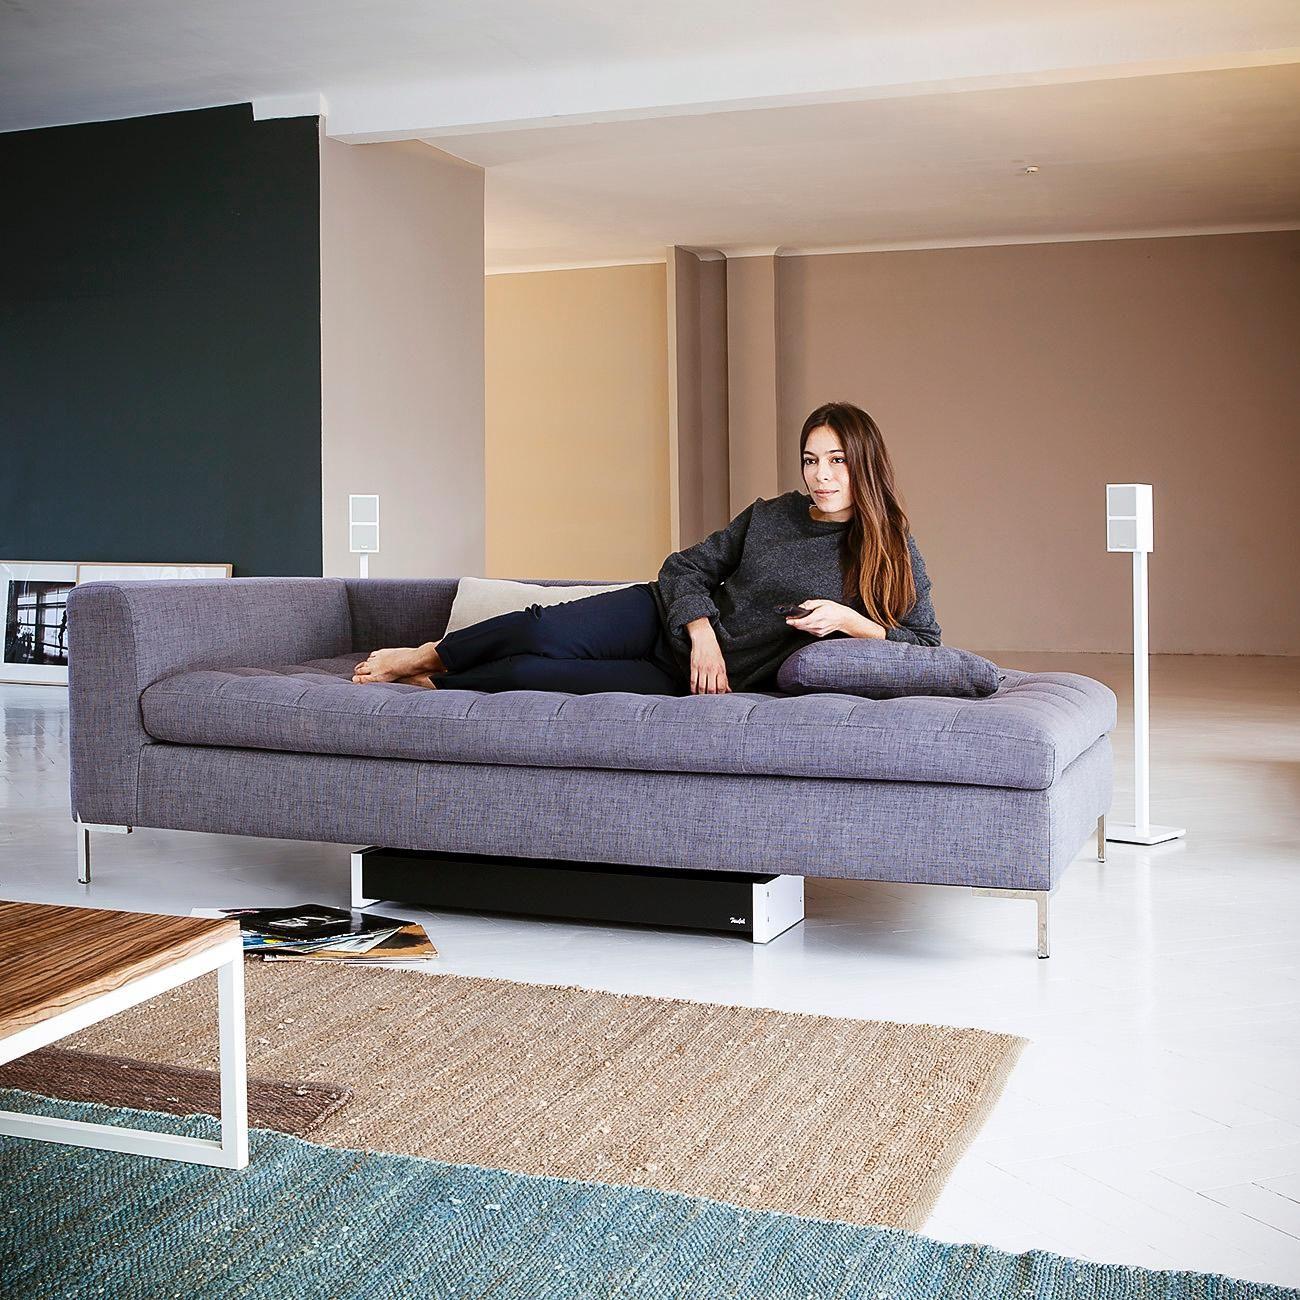 Full Size of Sofa Hersteller Deutschland Deutsche De Sede Modulares Mit Bettkasten Lagerverkauf Patchwork Recamiere Home Affair Günstiges Verkaufen Groß Esszimmer Big Sofa Sofa Hersteller